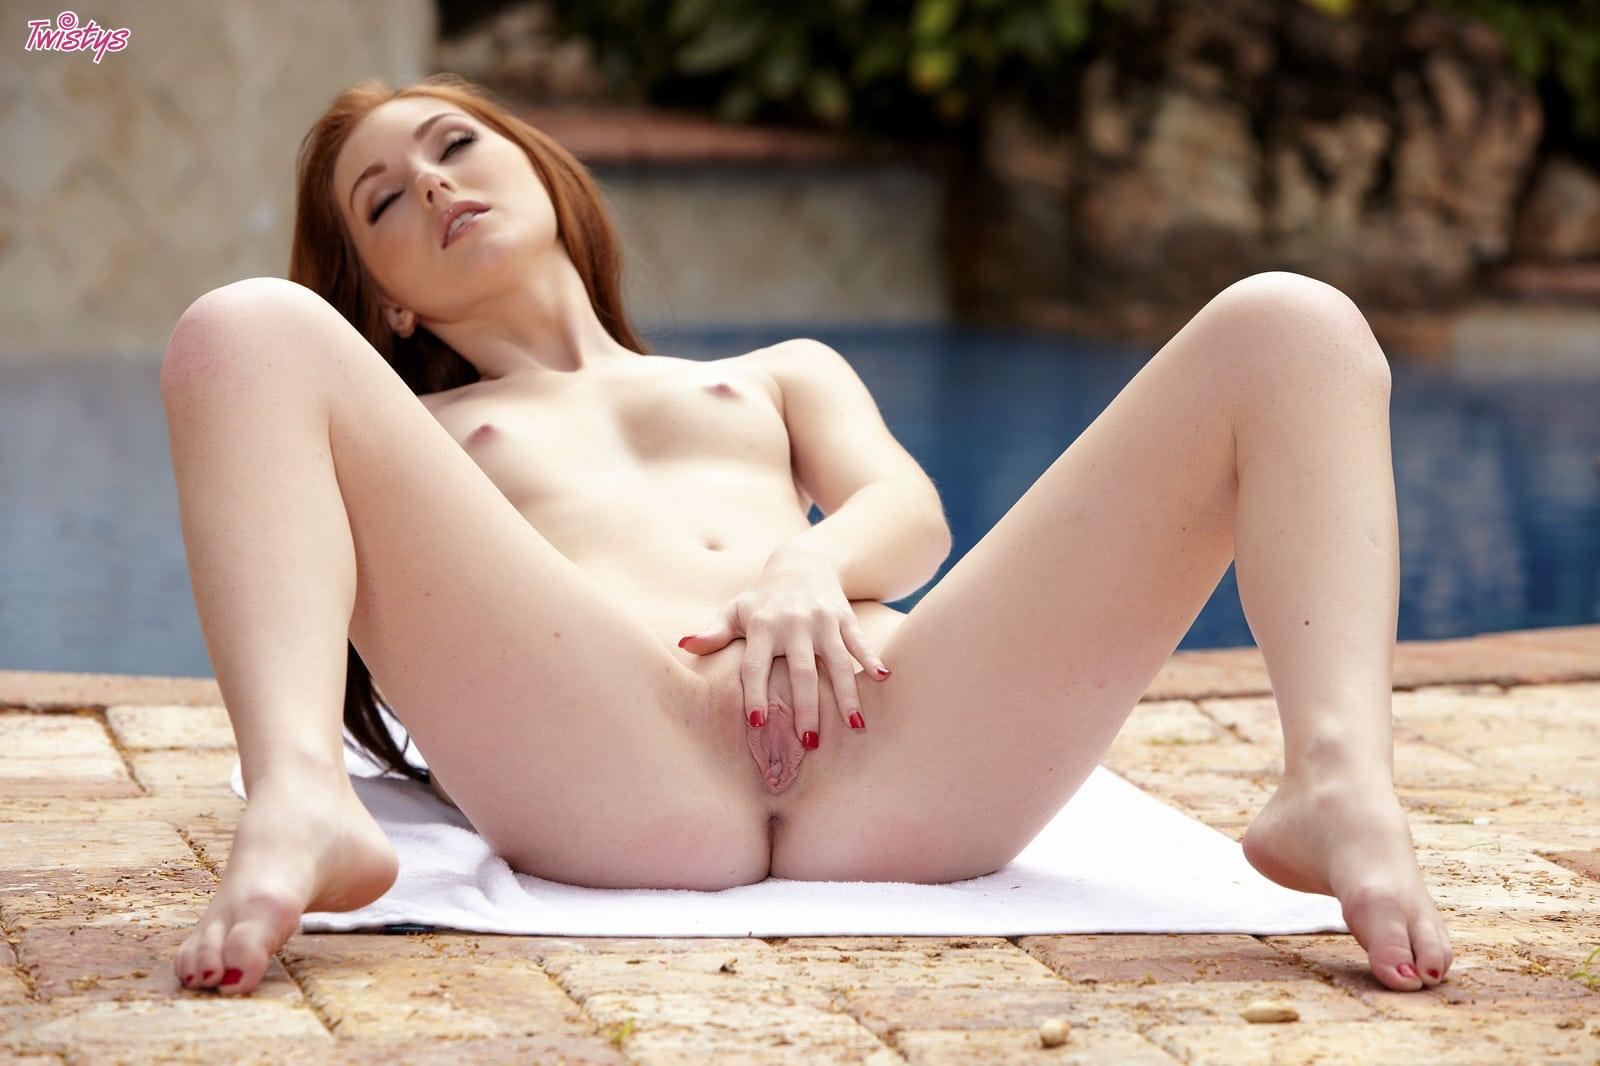 Natalia lust